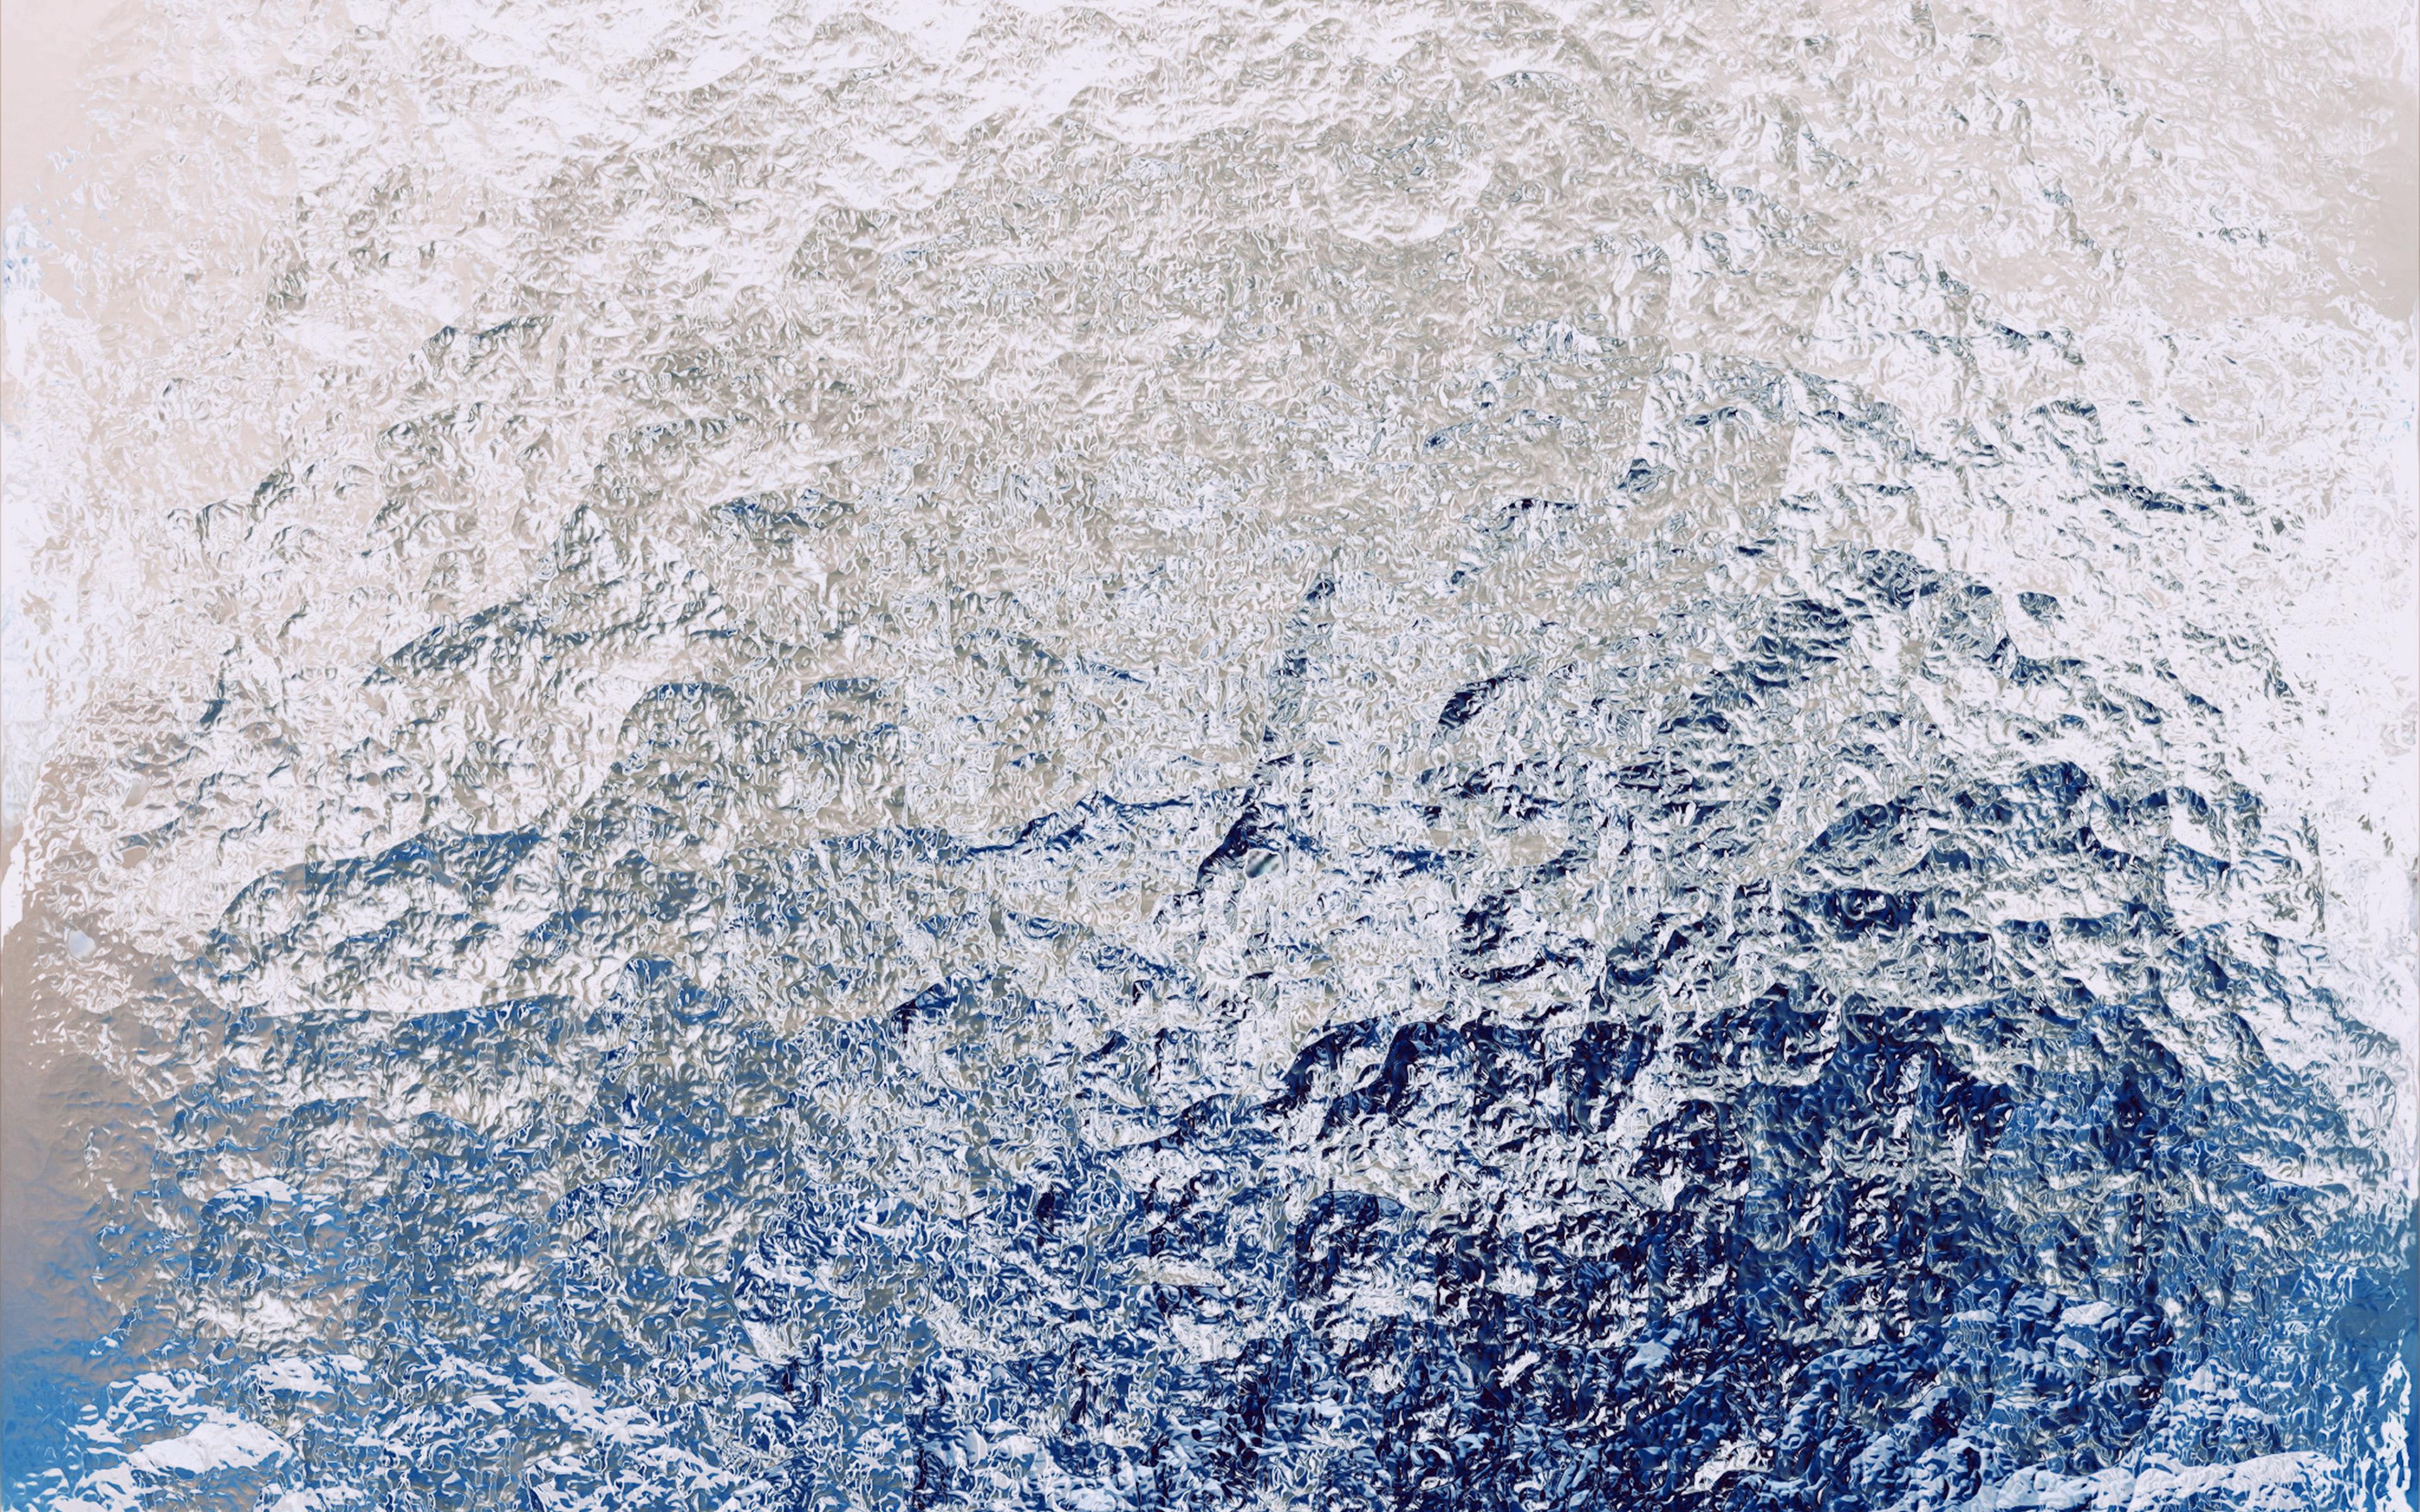 vs54-texture-foil-metal-light-dark-pattern-white-wallpaper